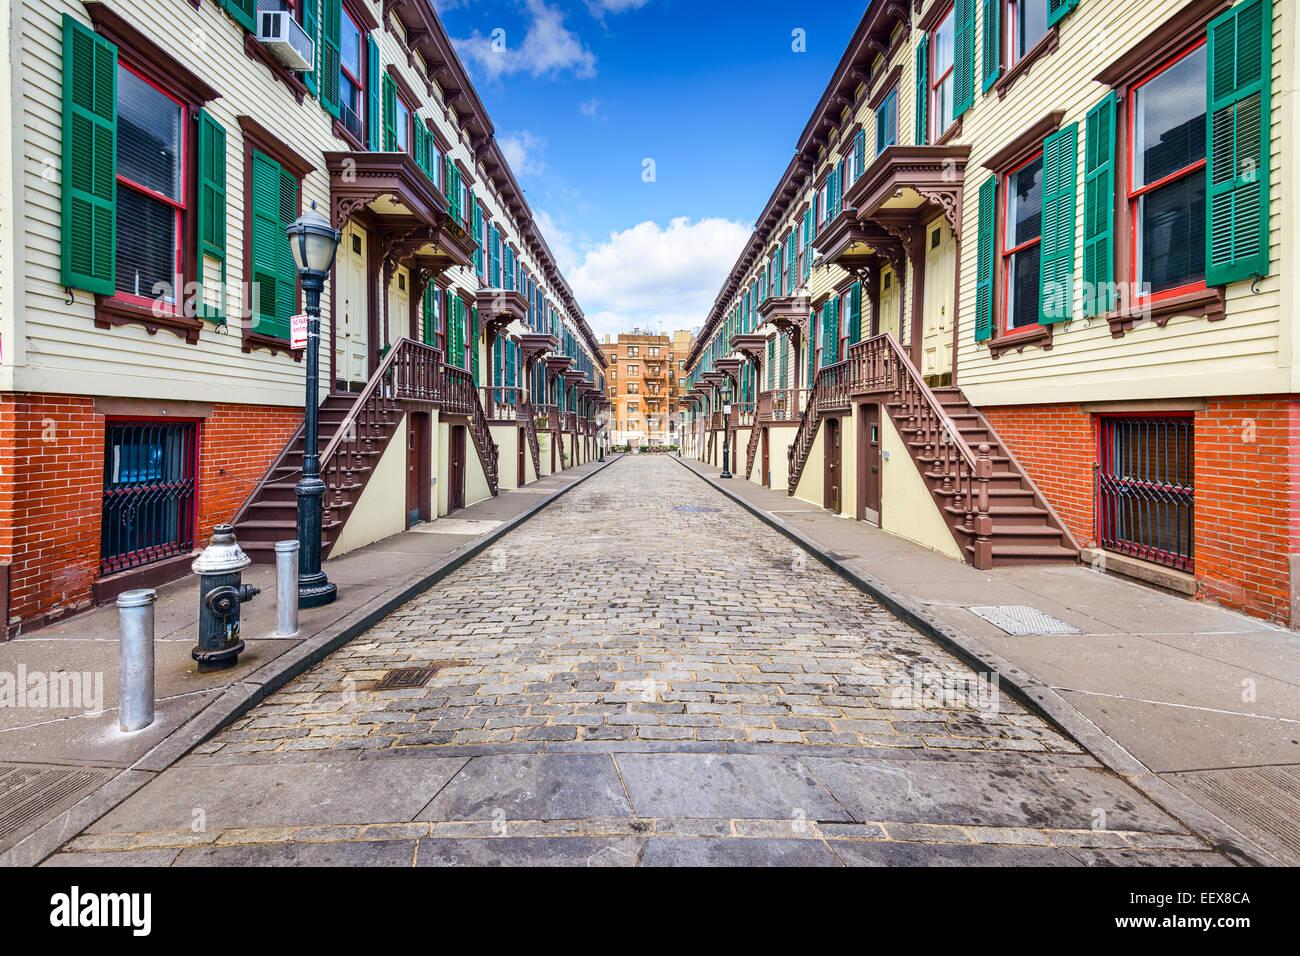 La ville de New York, USA au rowhouses Jumel dans le quartier historique d'une terrasse. Photo Stock